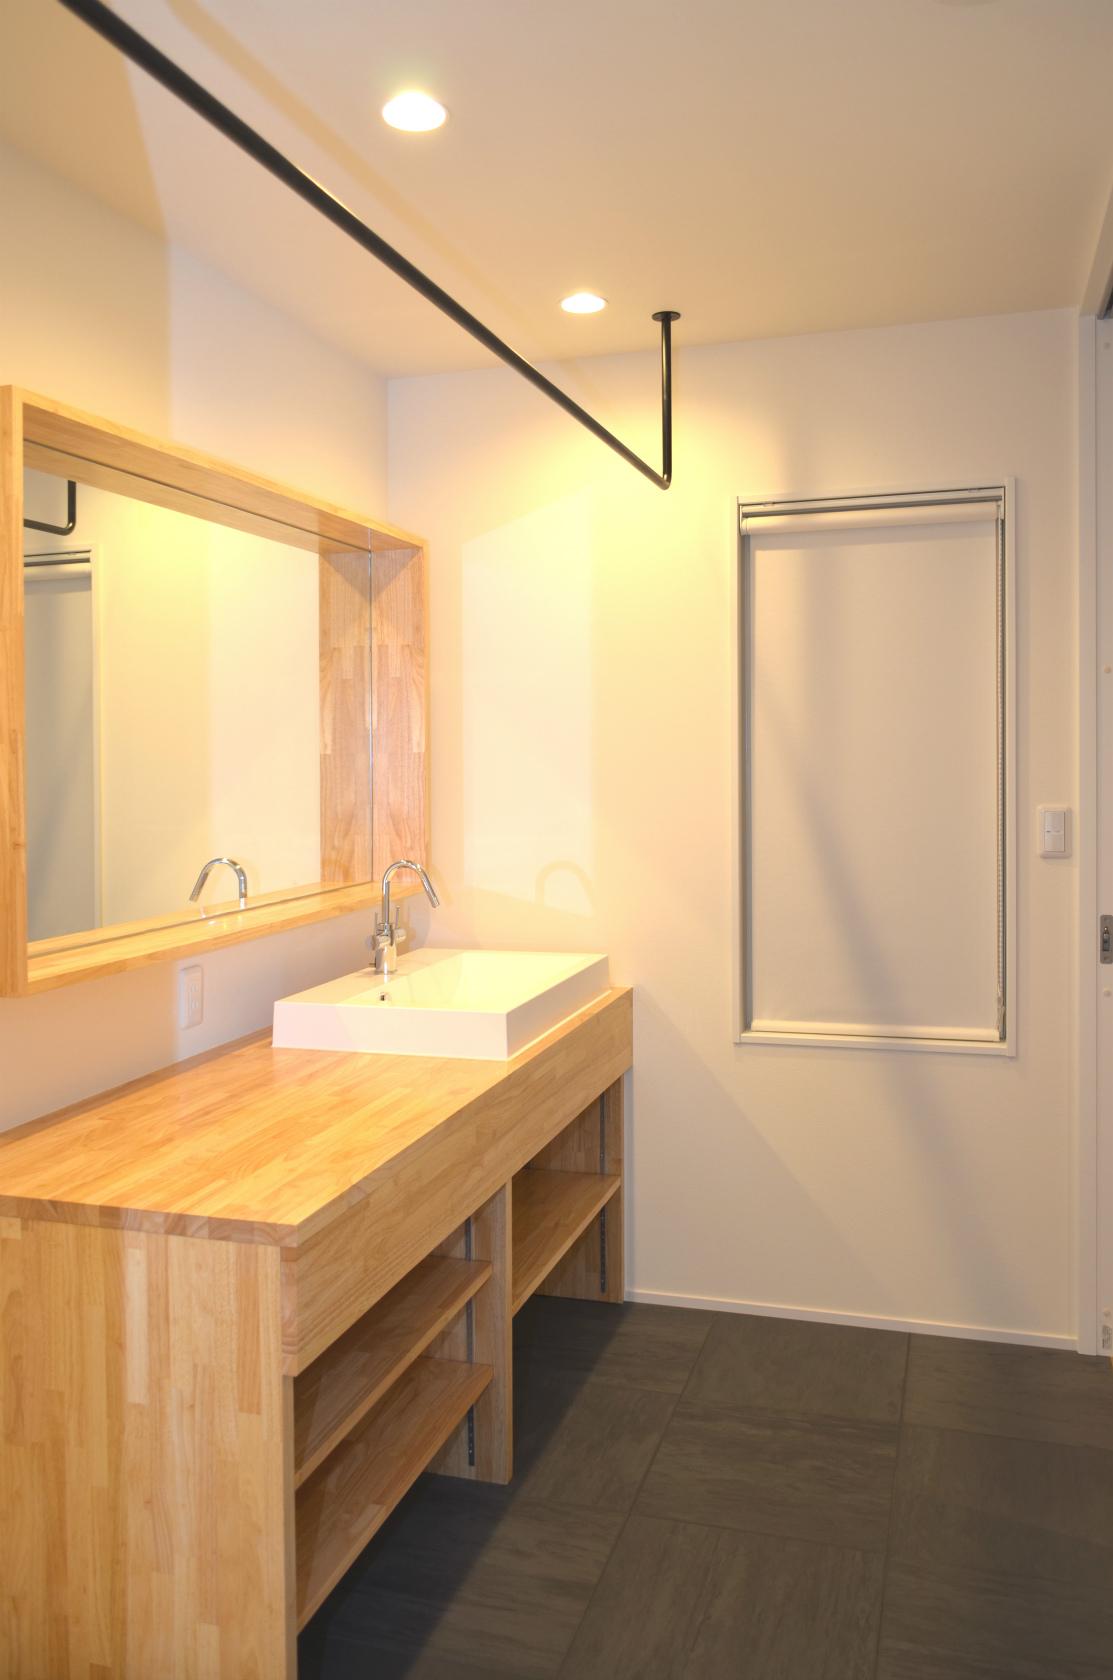 ハウスM21+archi「その場所にふさわしいカタチで佇む住まい」洗面写真